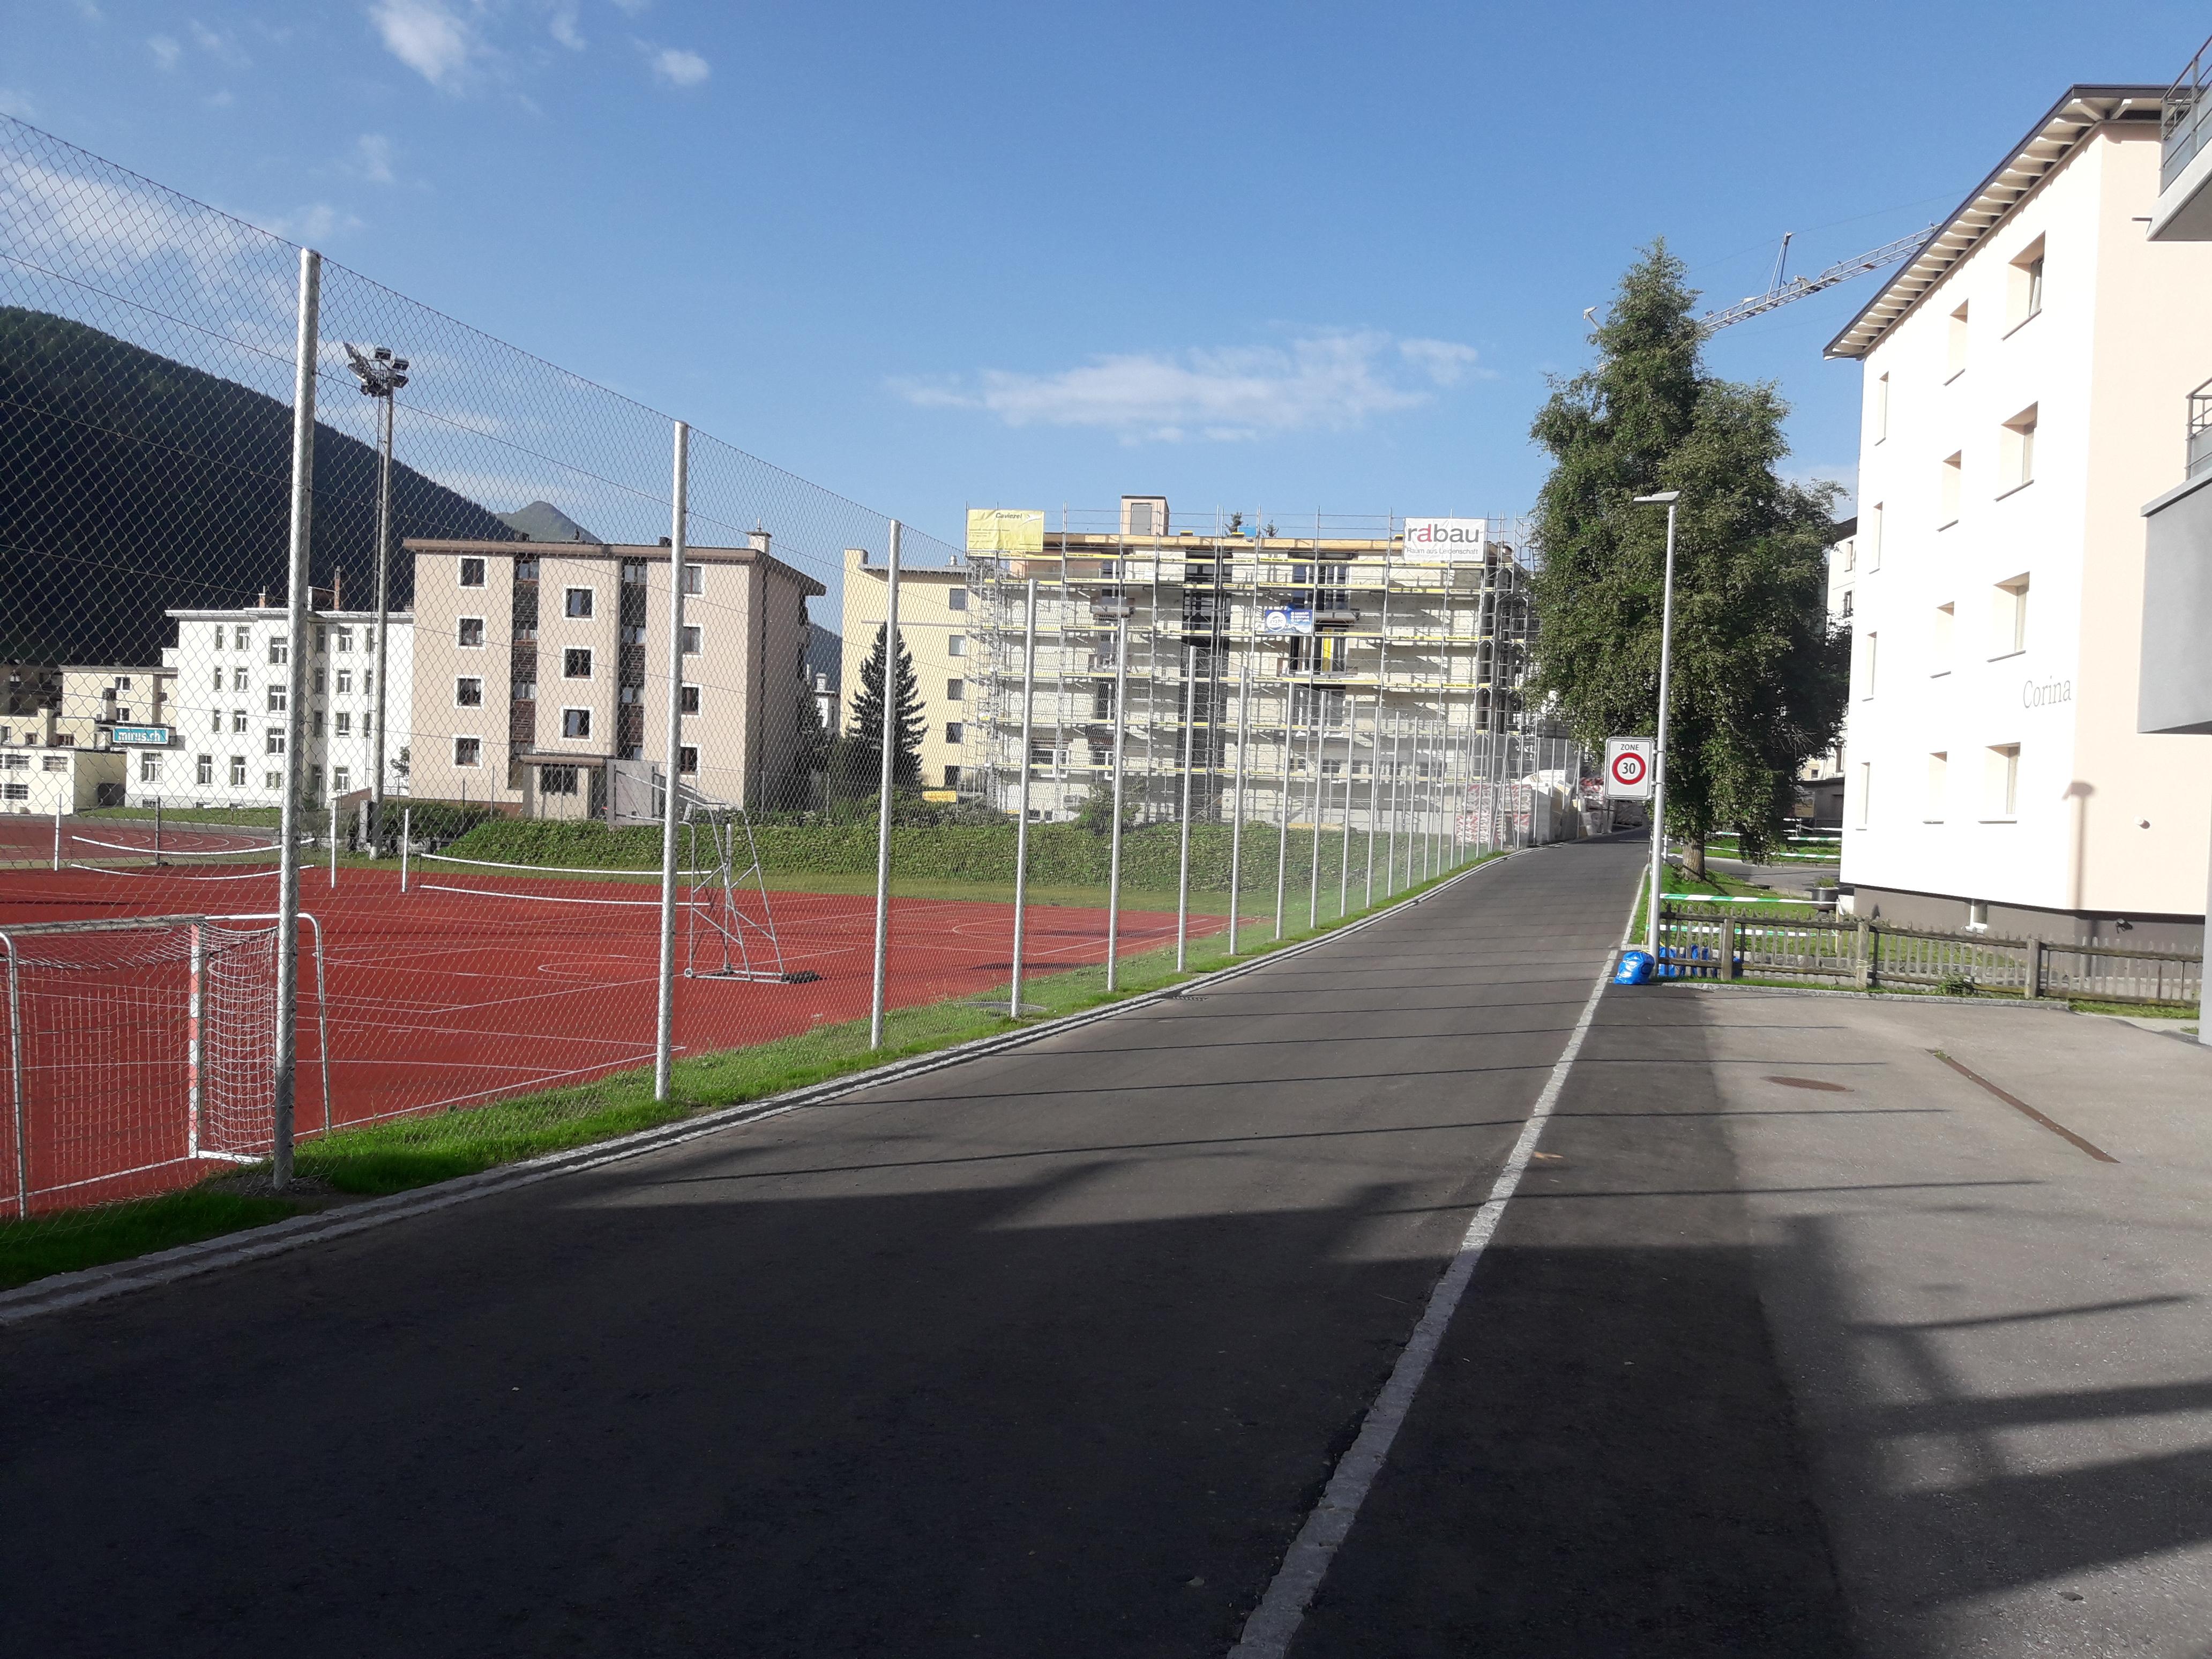 Ballfang an der Vaillant Arena